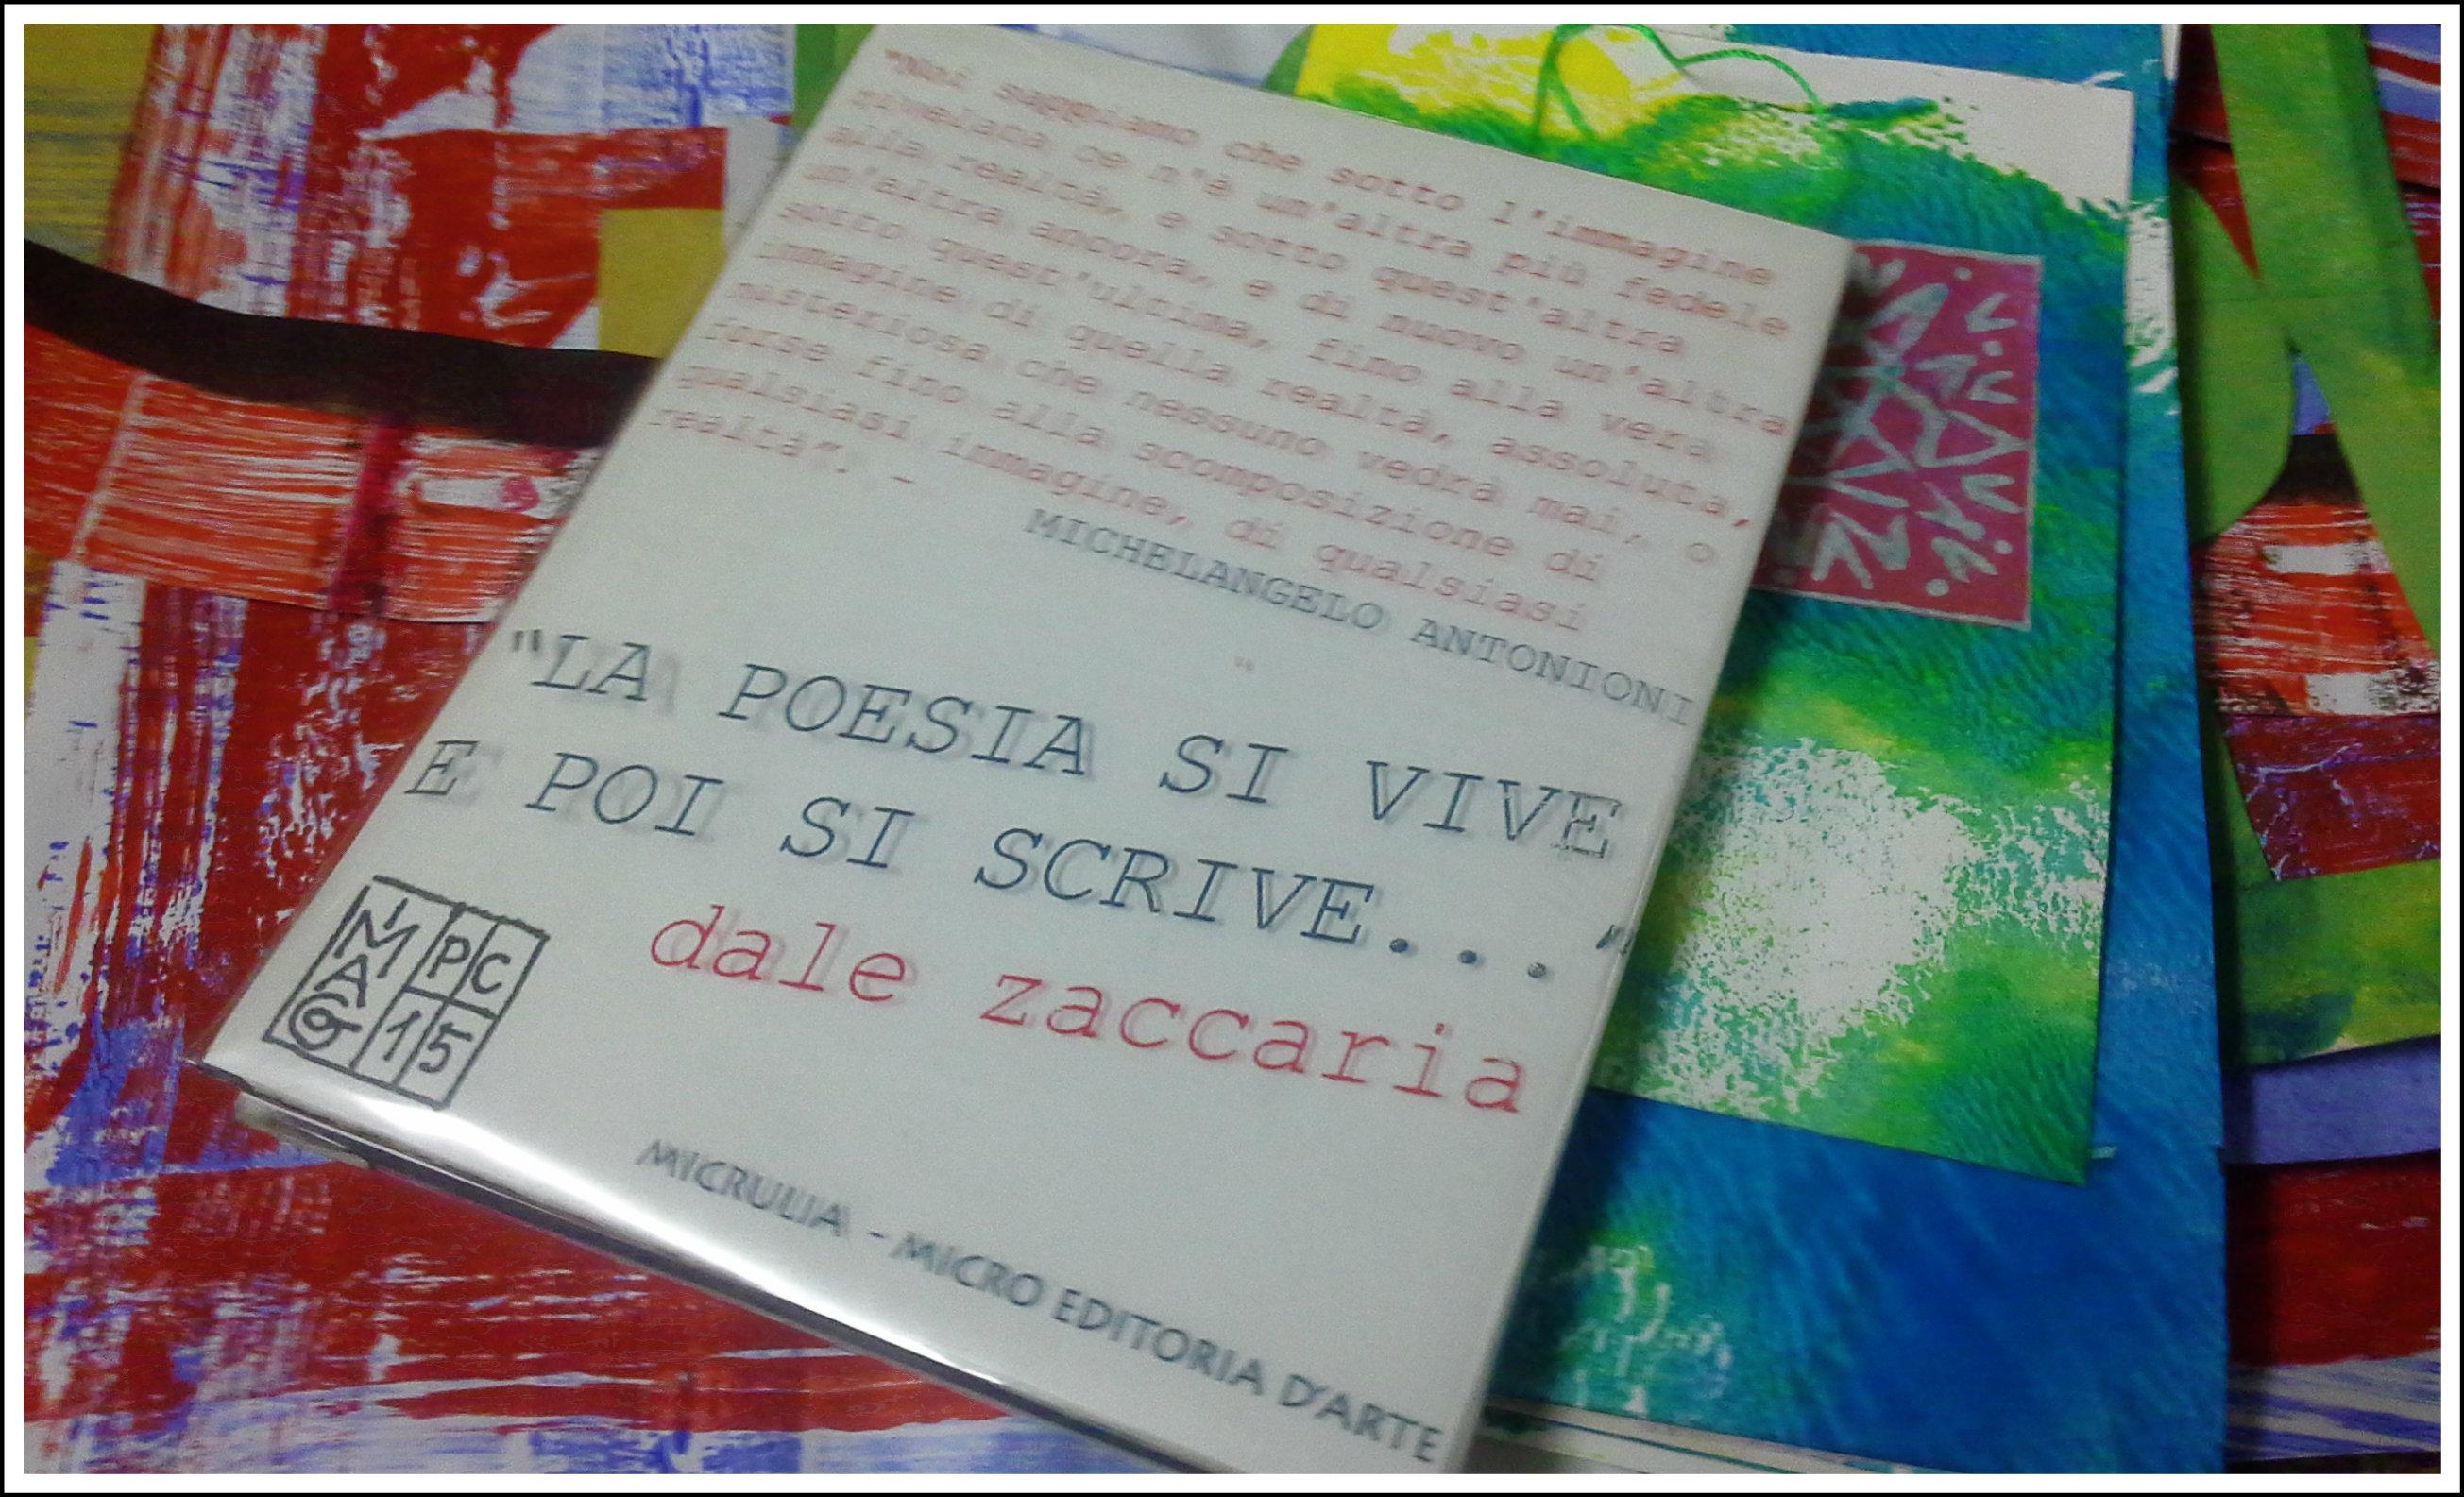 dale_micrulia_paula_cacavale